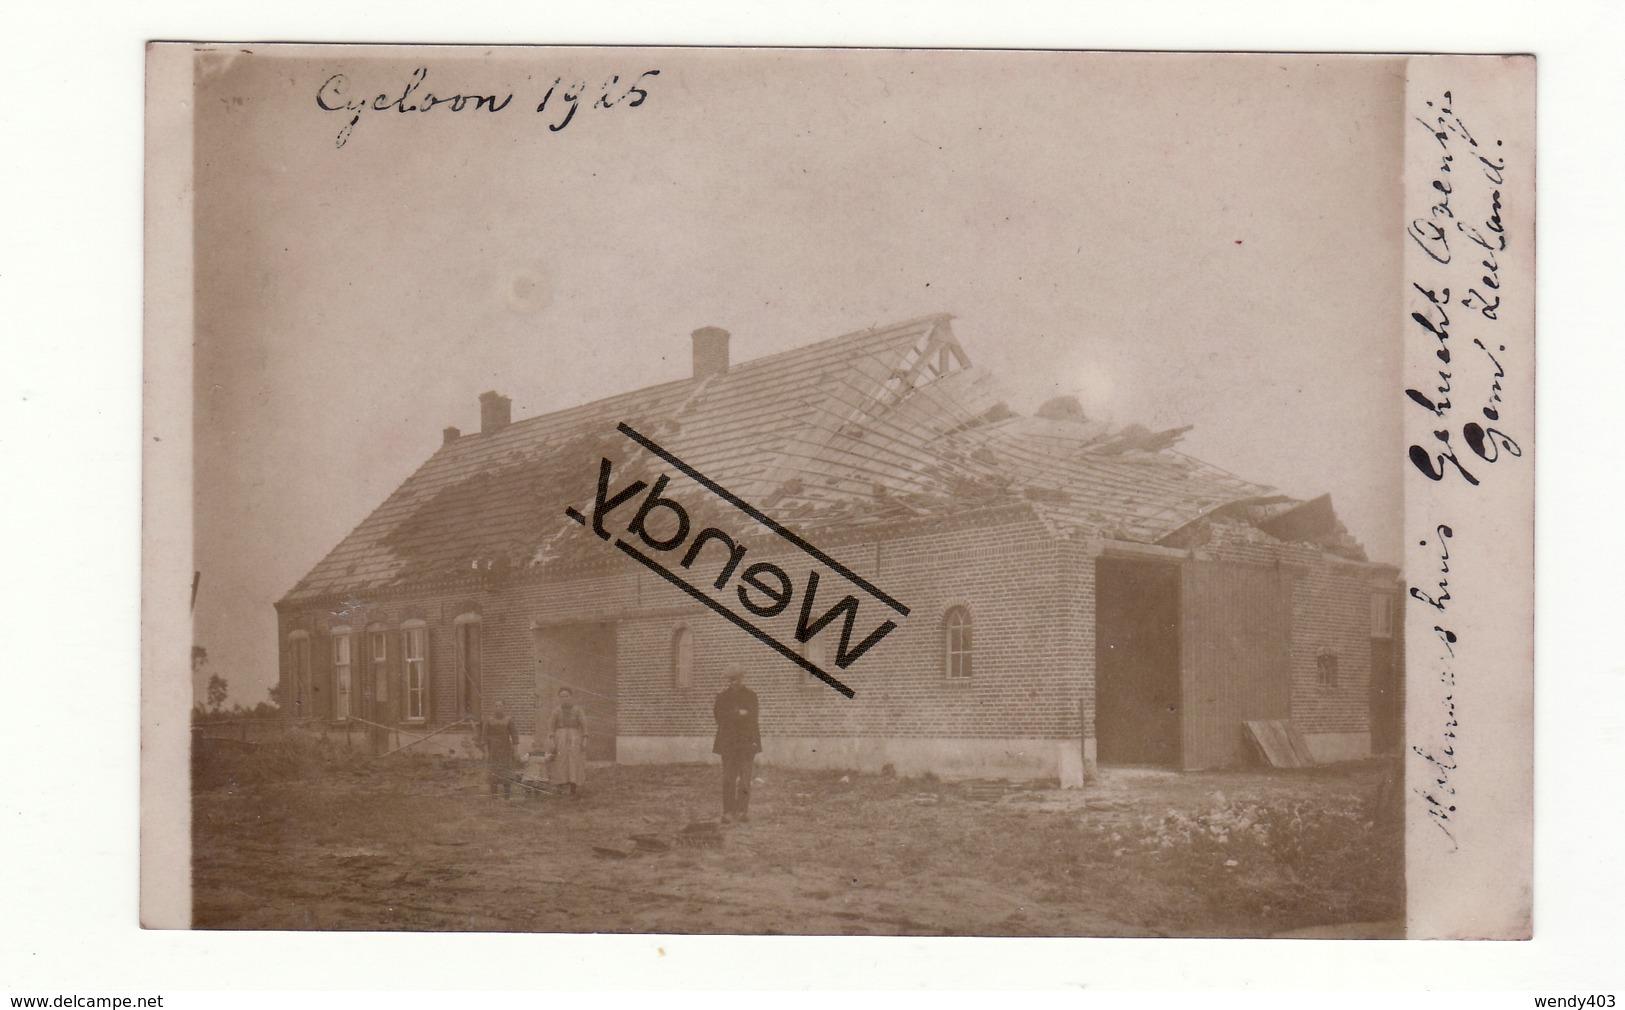 Oventje - Gemeente Zeeland - Molenaarshuis Originele Foto - Cycloon 1925 - Netherlands